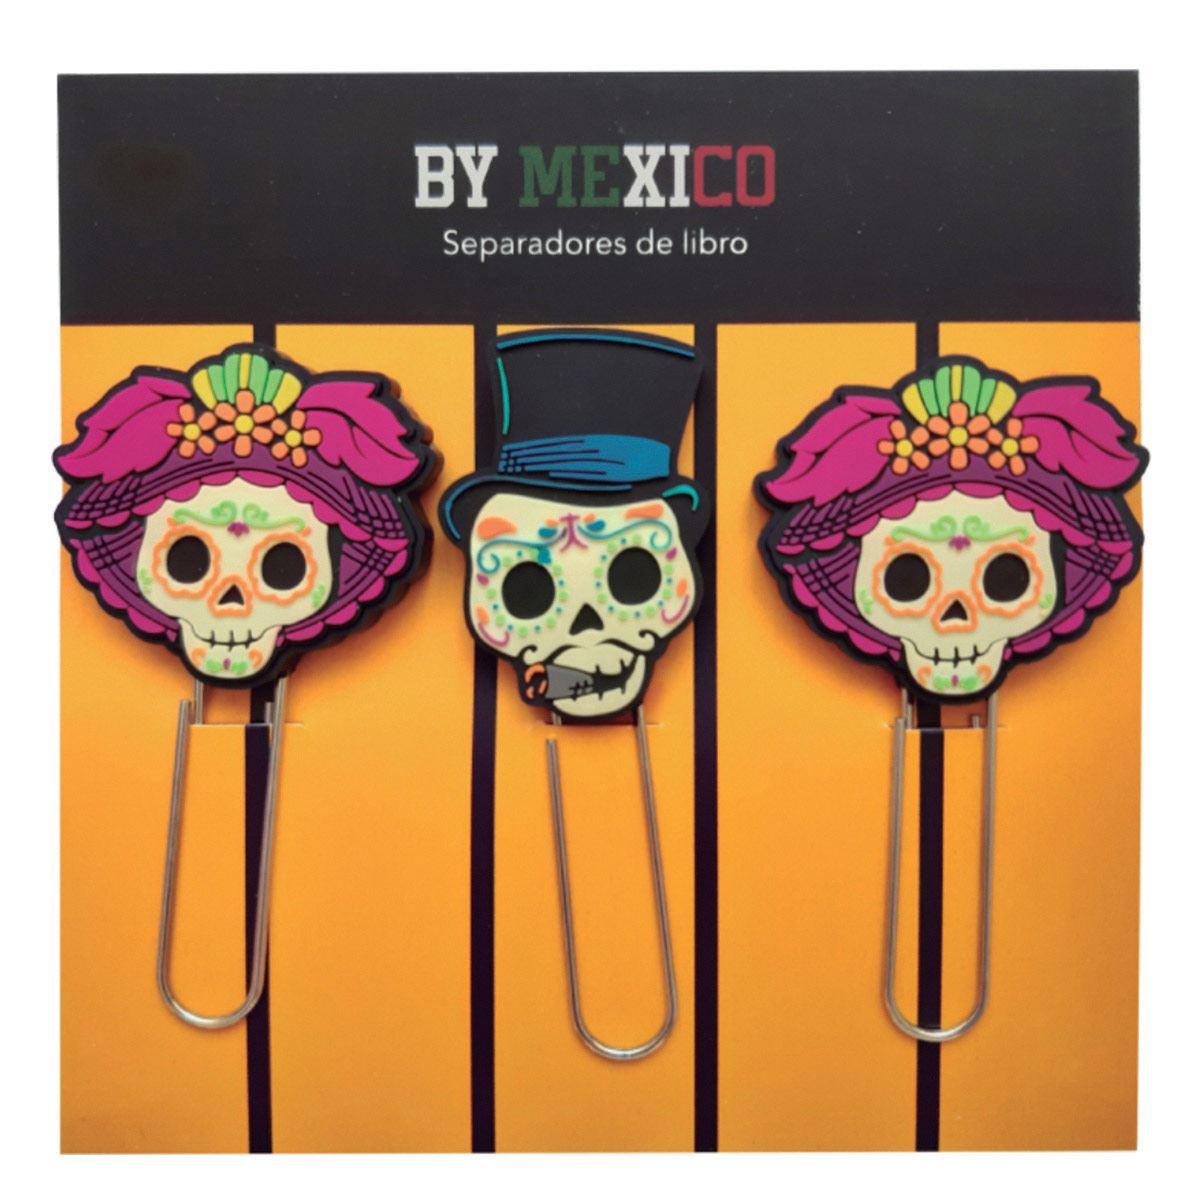 Set de separadores catrina BY México